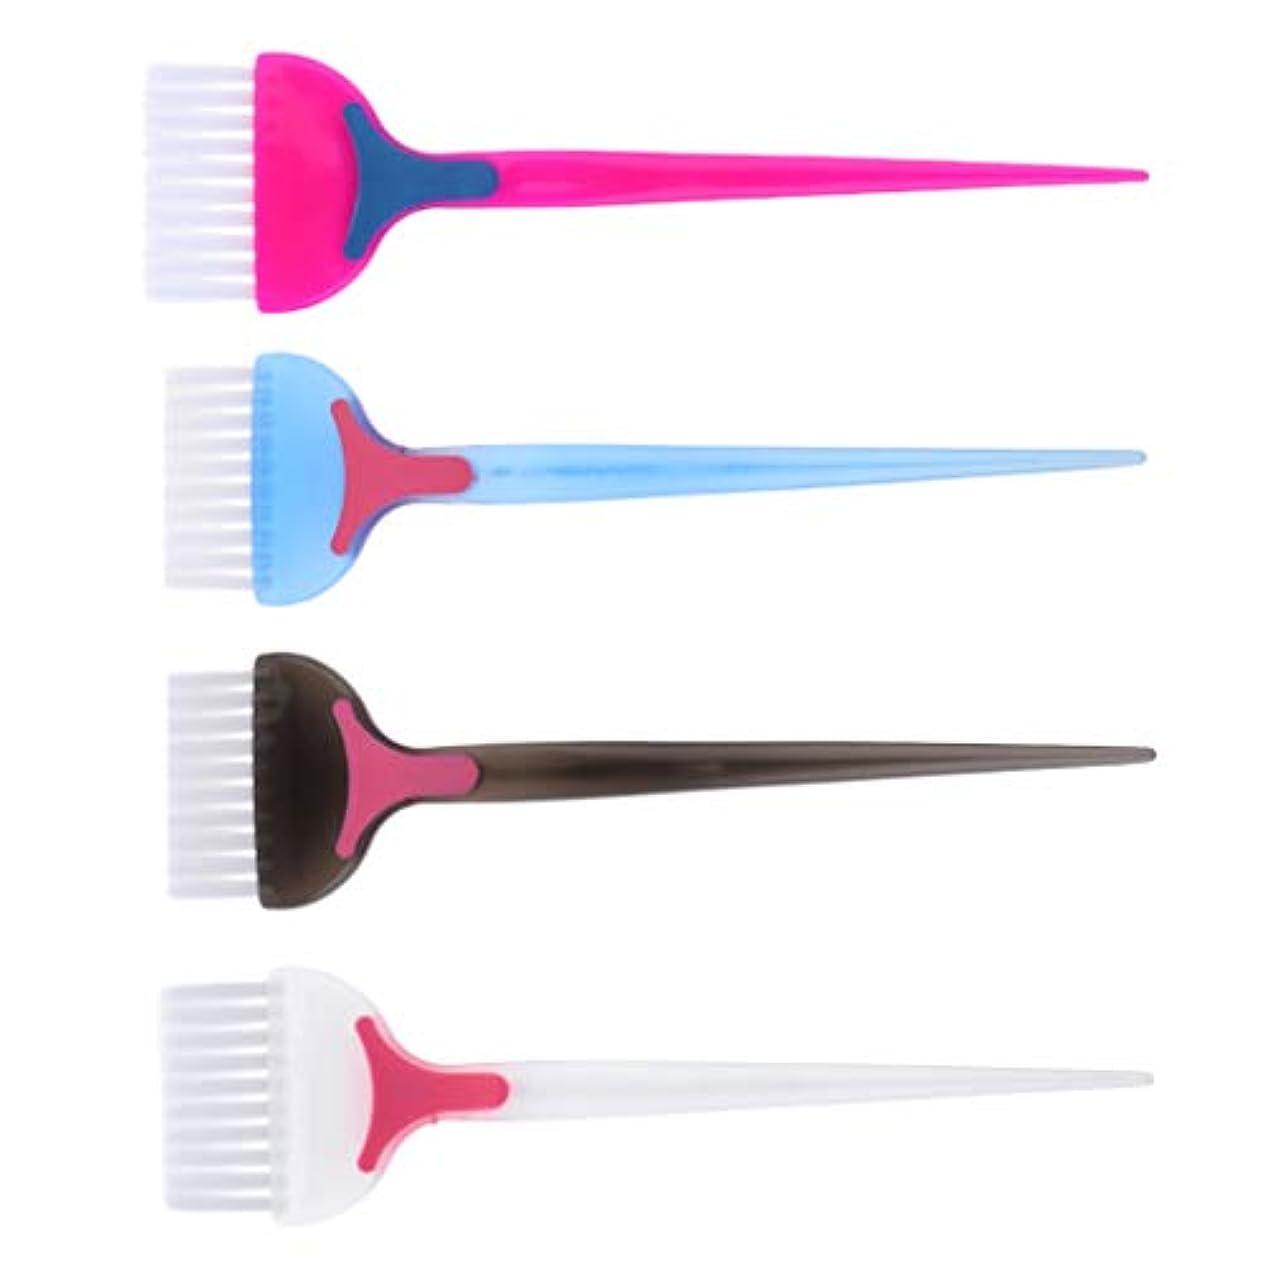 バラ色アカデミー化石ヘアダイ コーム 髪染めブラシ 天然樹脂 耐高温 帯電防止 靭性 壊れにくい 家庭用 美容師プロ用